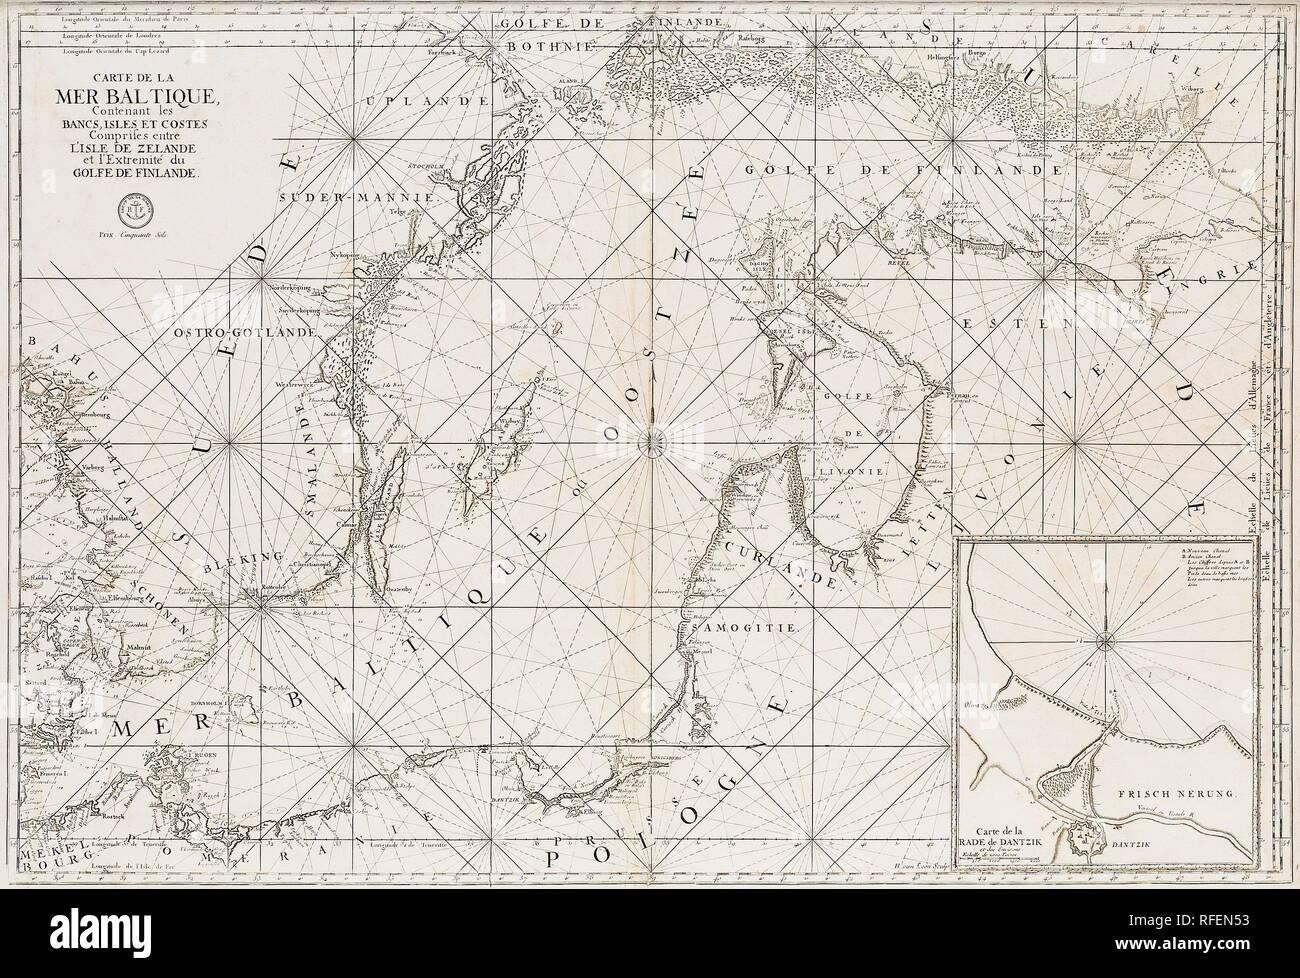 Carte de la Mer Baltique, contenant les bancs, isles et costes comprises entre L'Isles de Zelande et l'extreme du Golfe de Finlande..jpg - RFEN53 - Stock Image